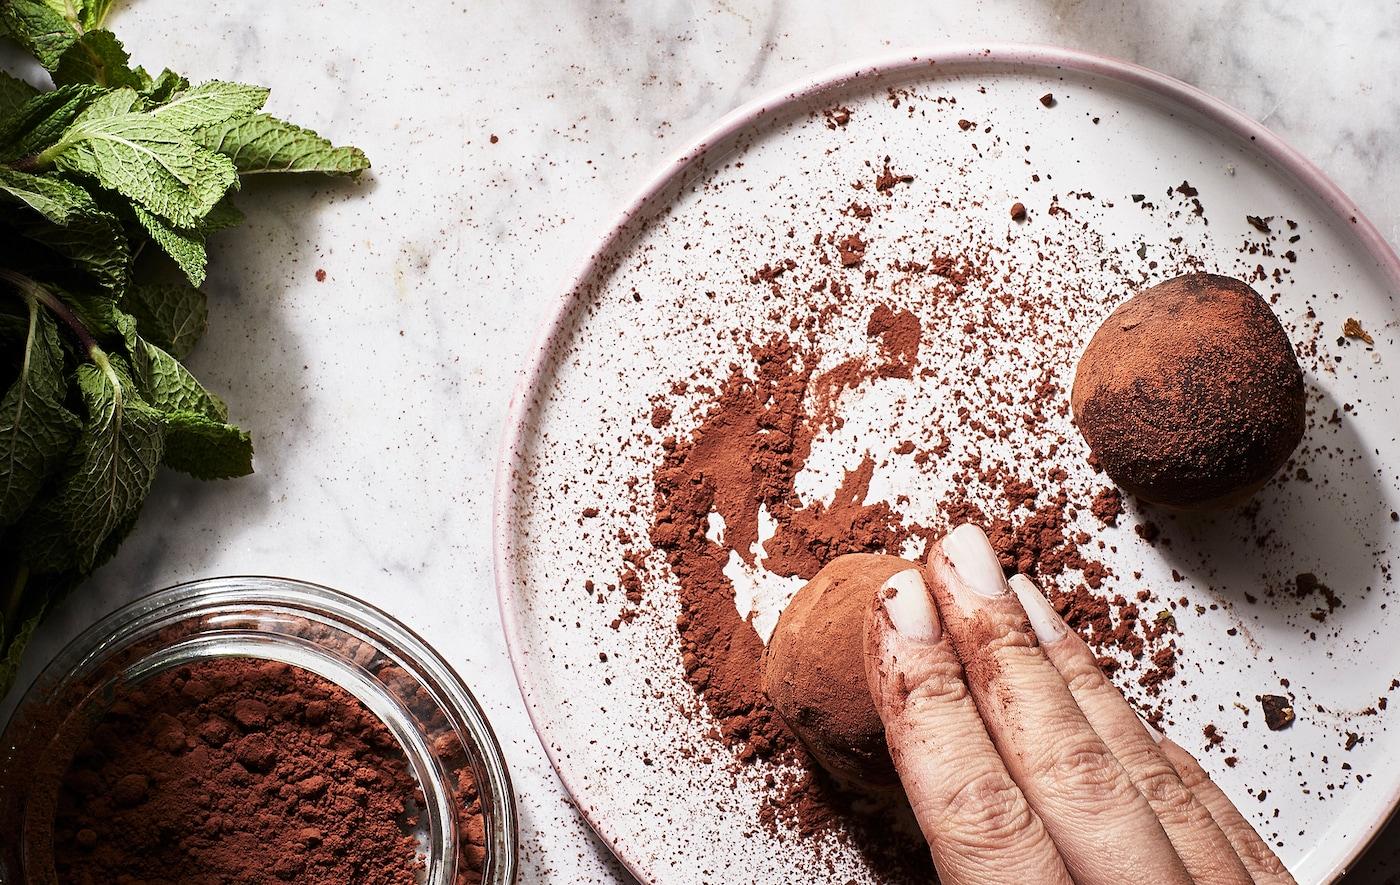 Une main roulant une truffe ronde de la taille d'une boulette dans de la poudre de cacao sur une petite assiette plate, des feuilles de menthe fraîche sur le côté.